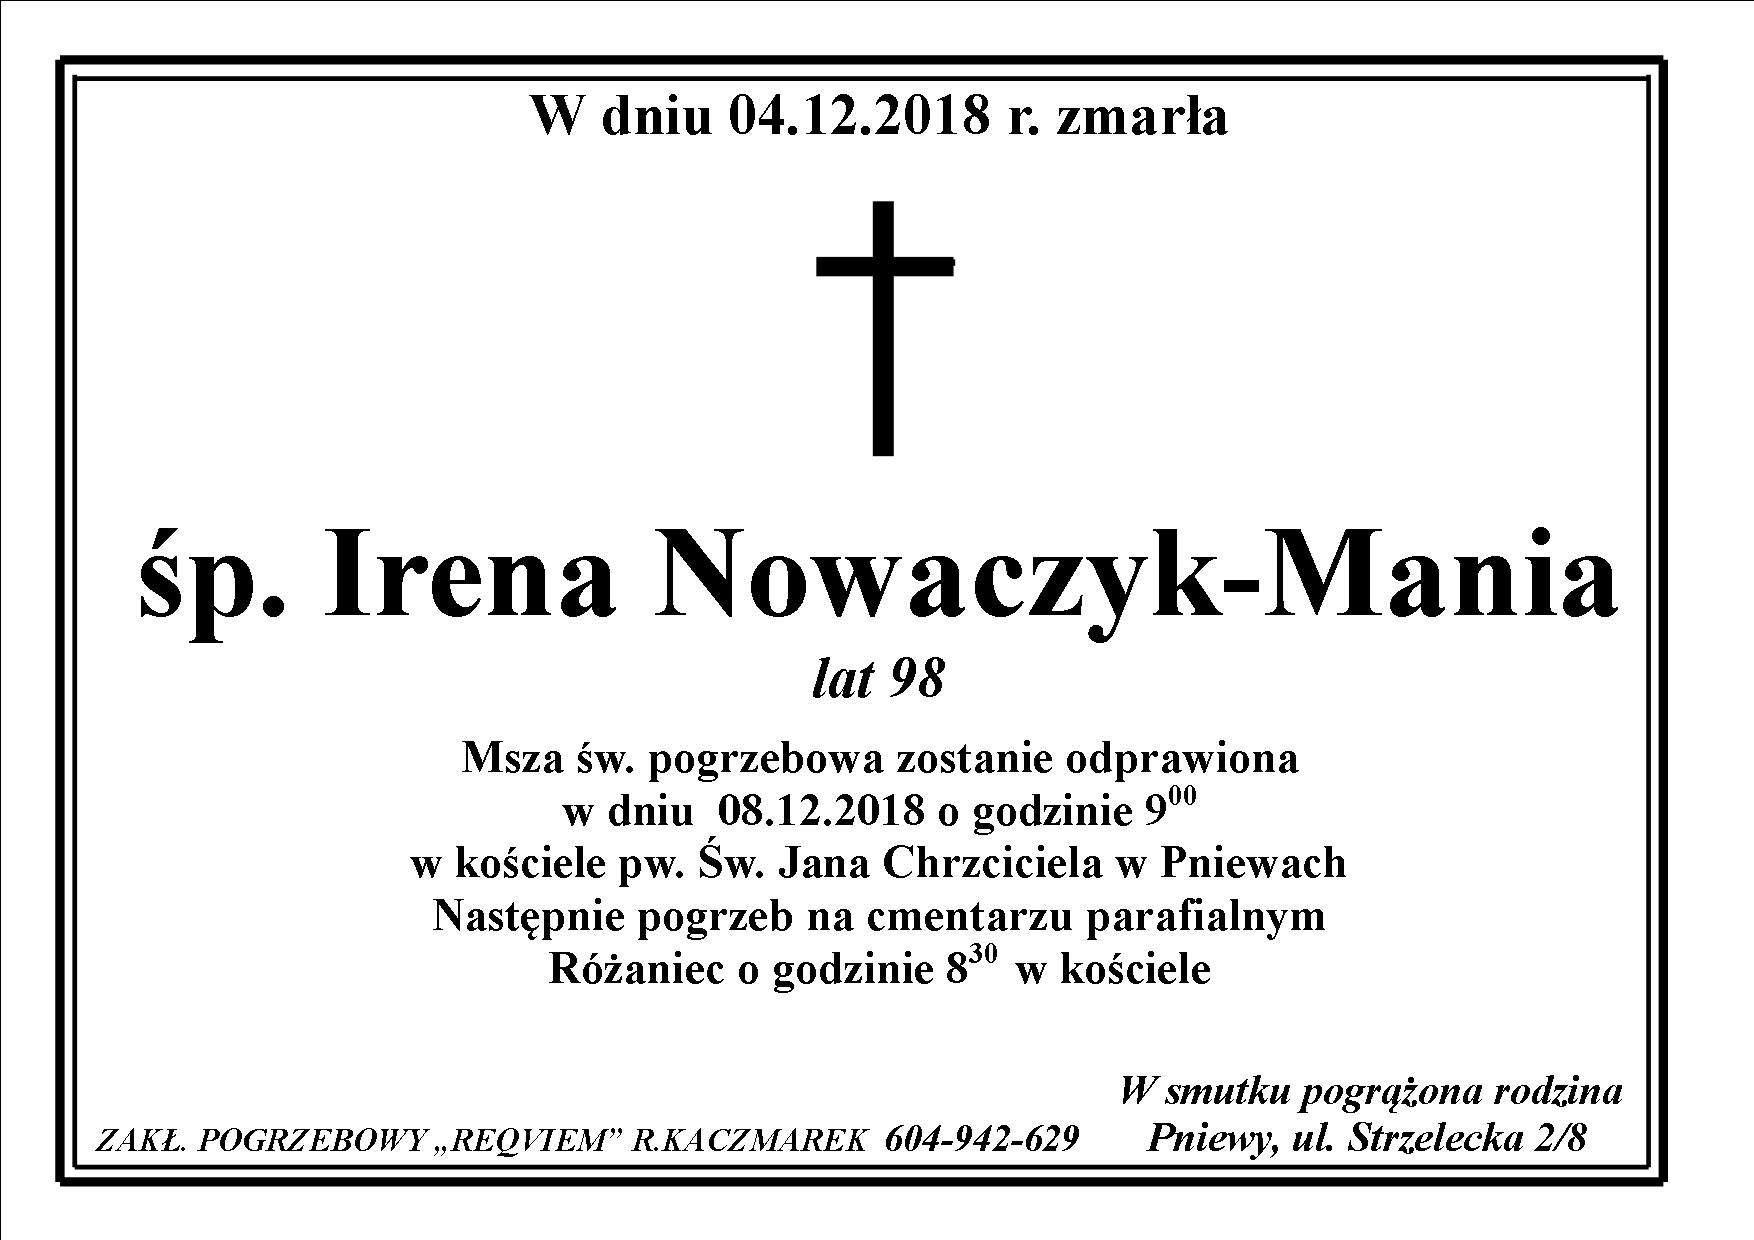 Żyli wśród nas – Irena Nowaczyk-Mania